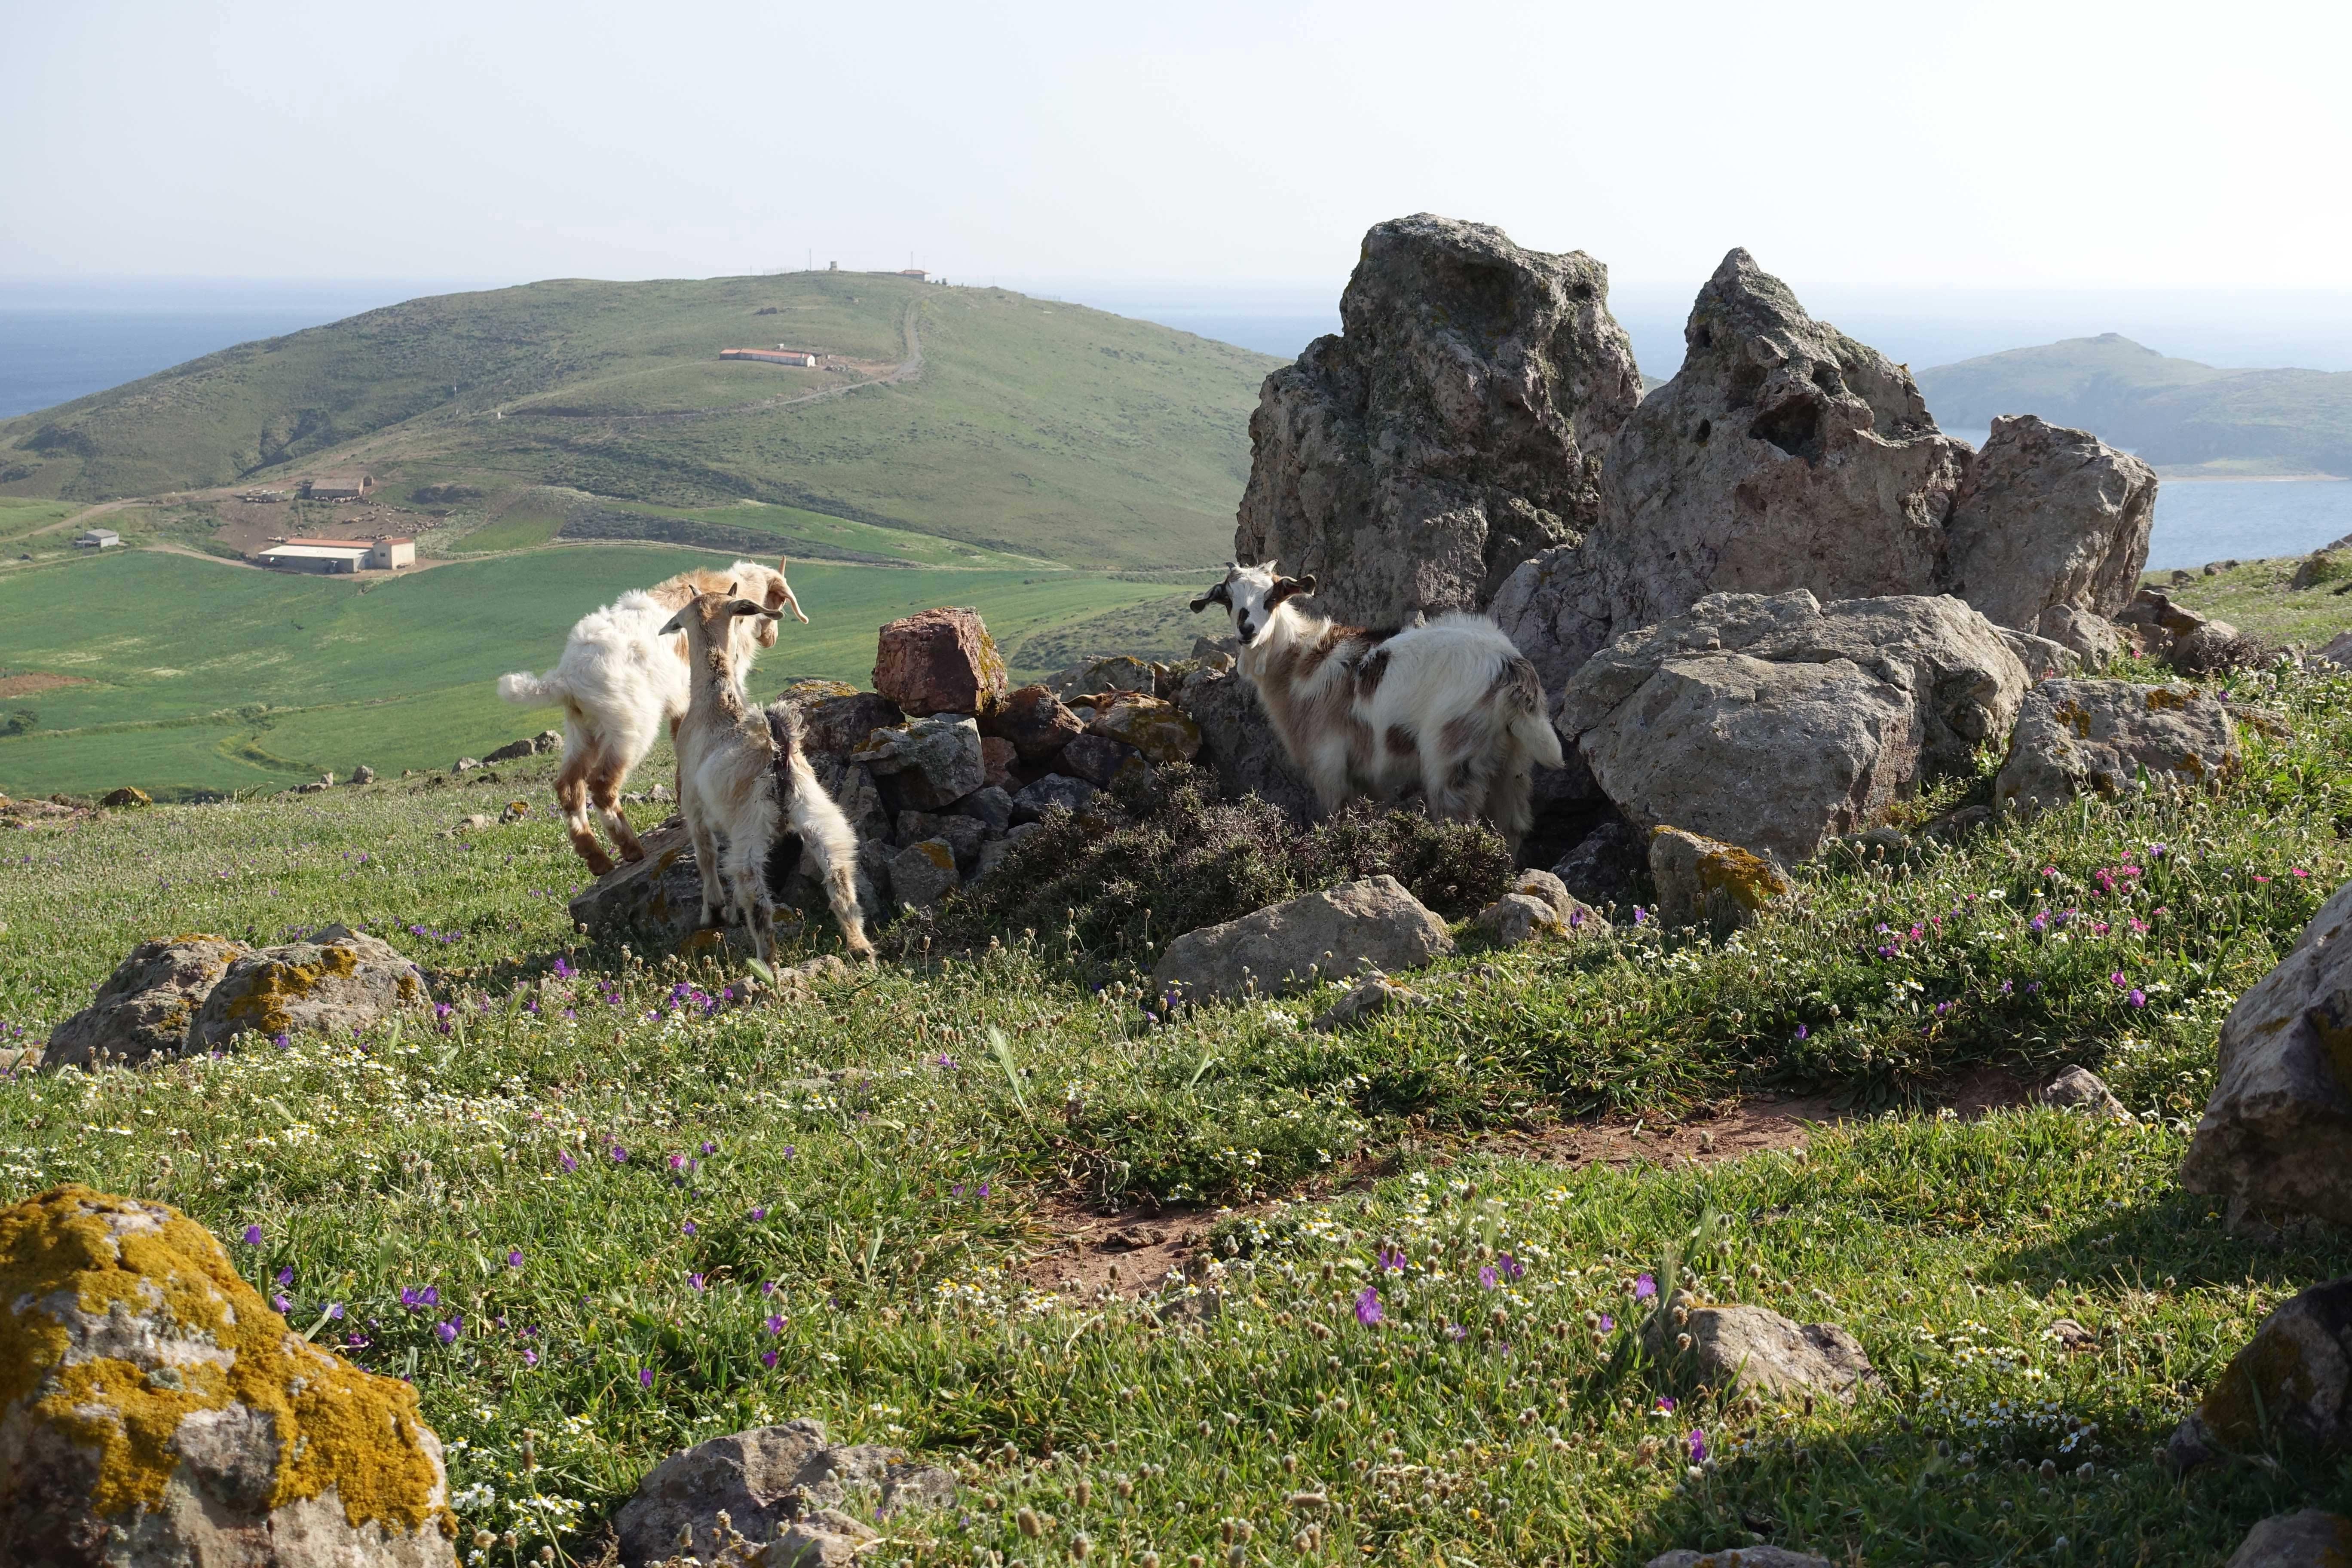 Lemnos' goats   Mandra System of Lemnos, Greece